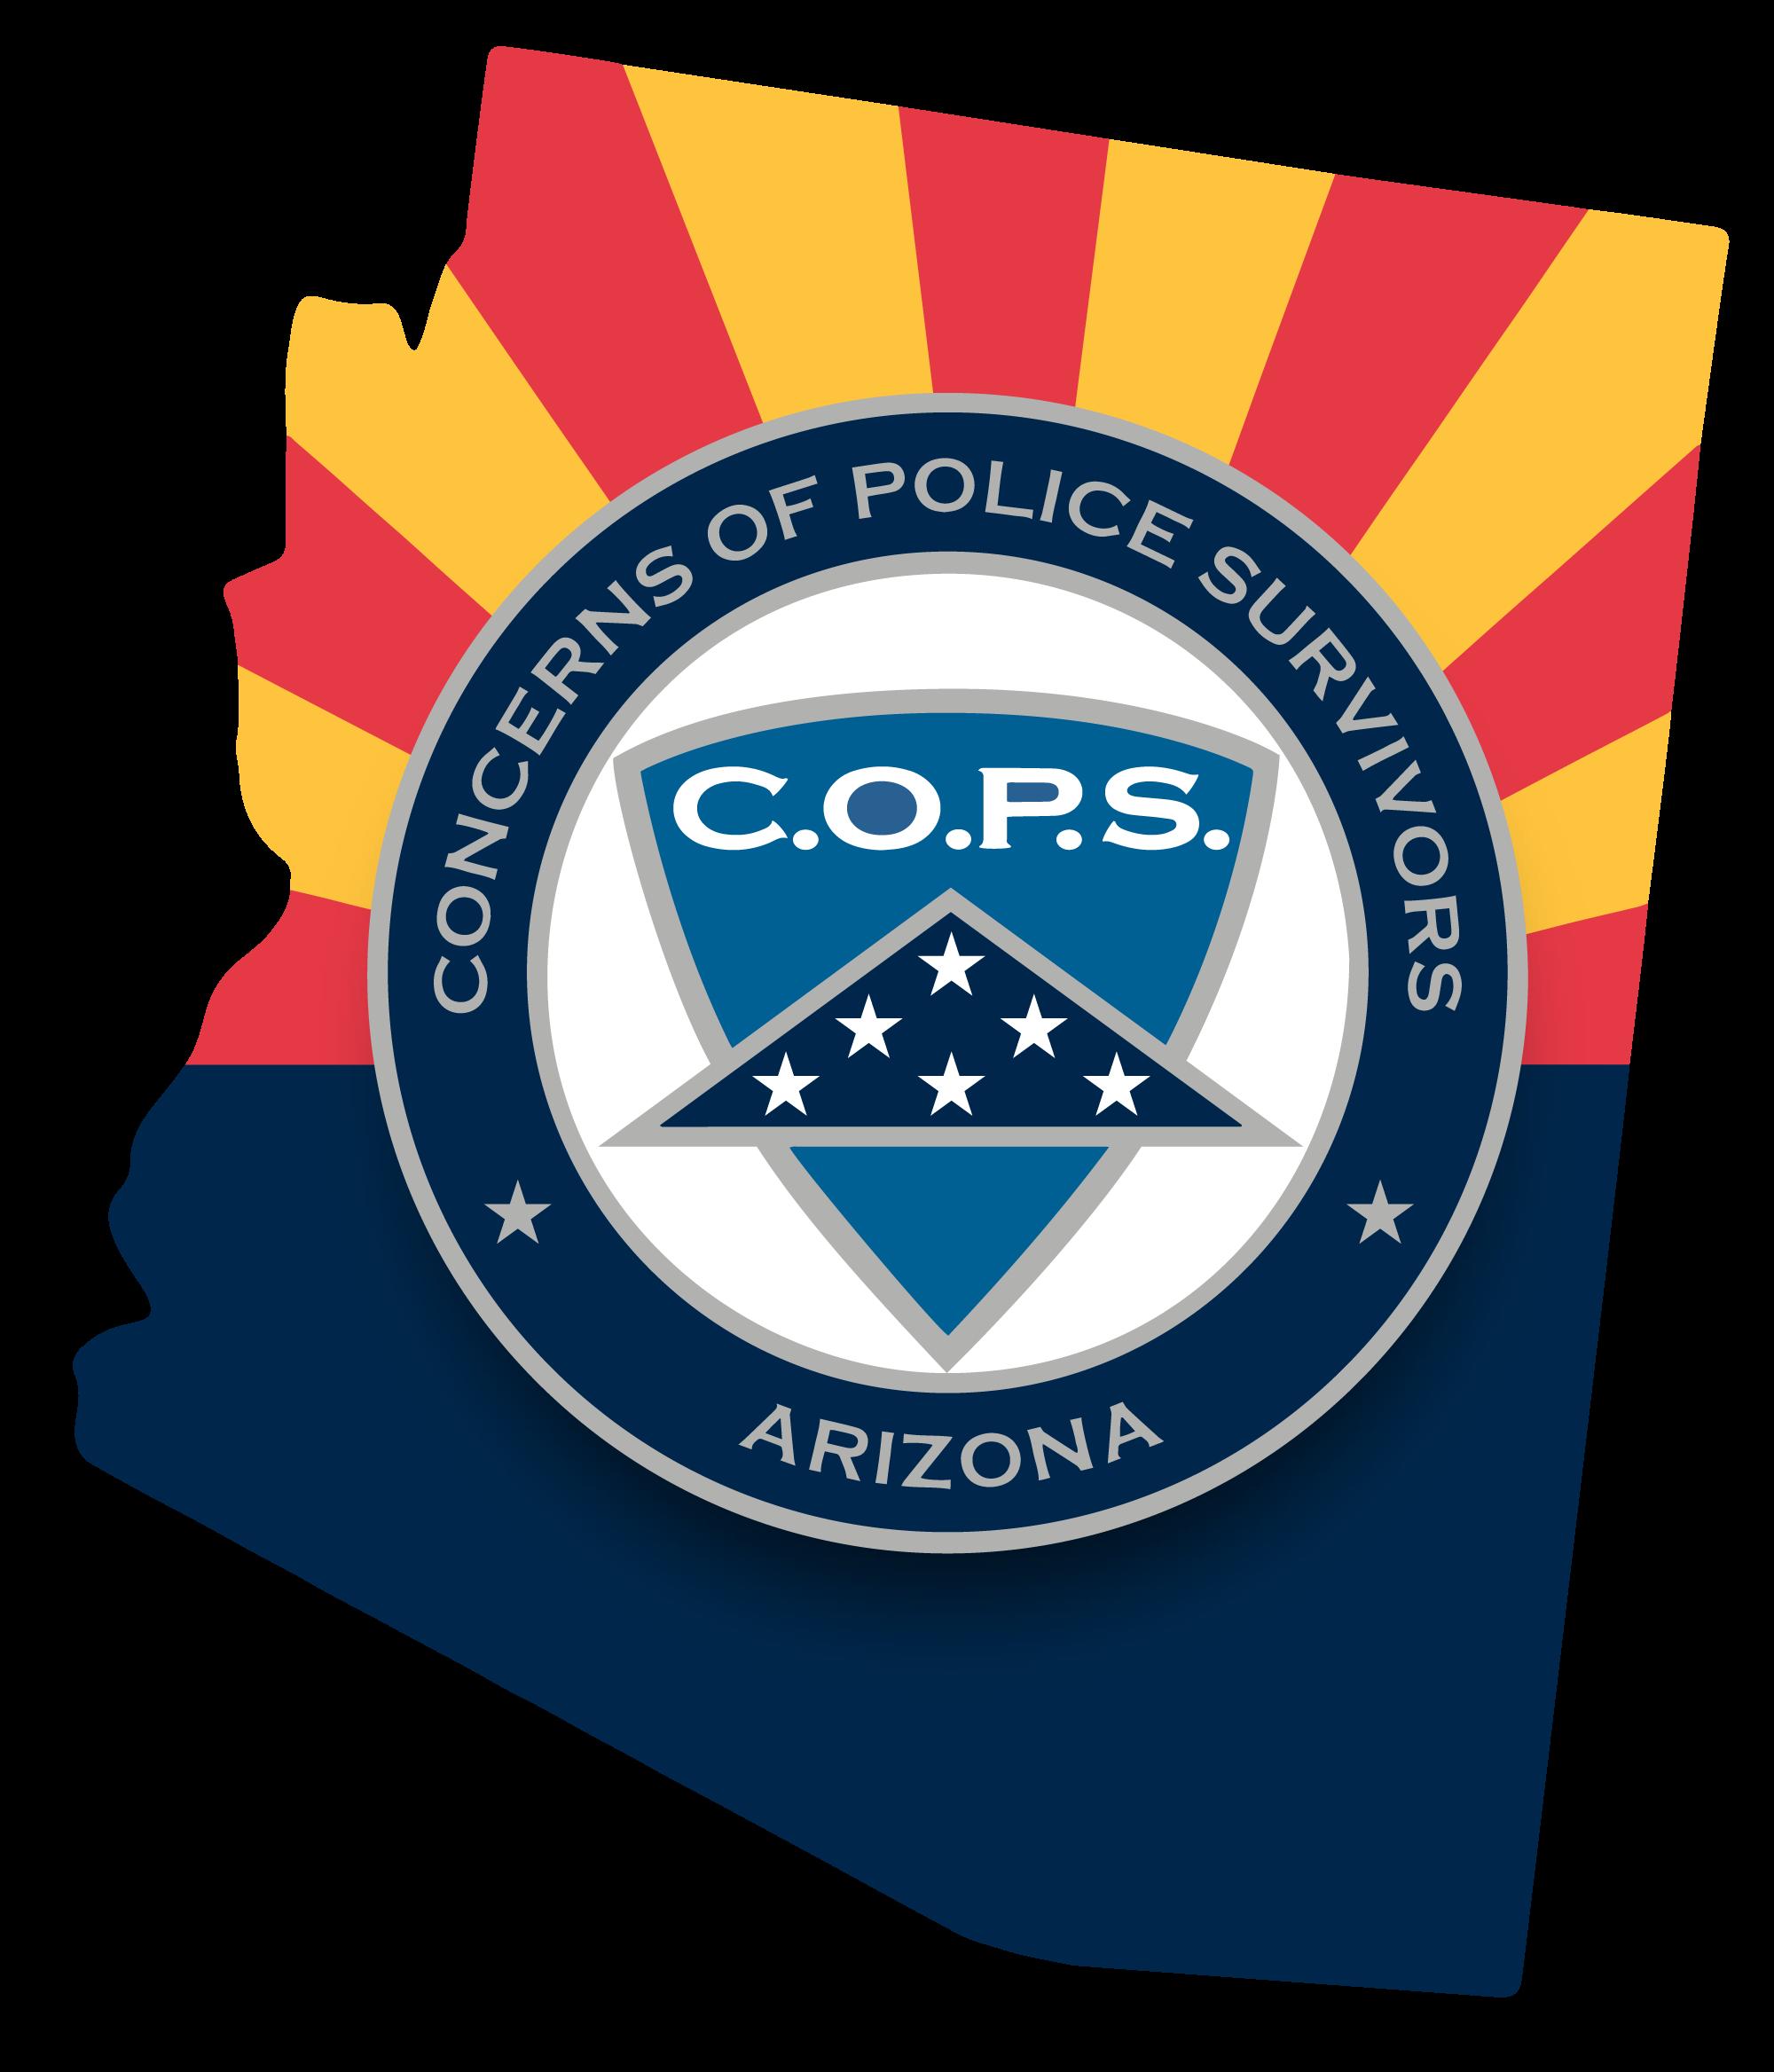 C.O.P.S. Arizona | Concerns of Police Survivors